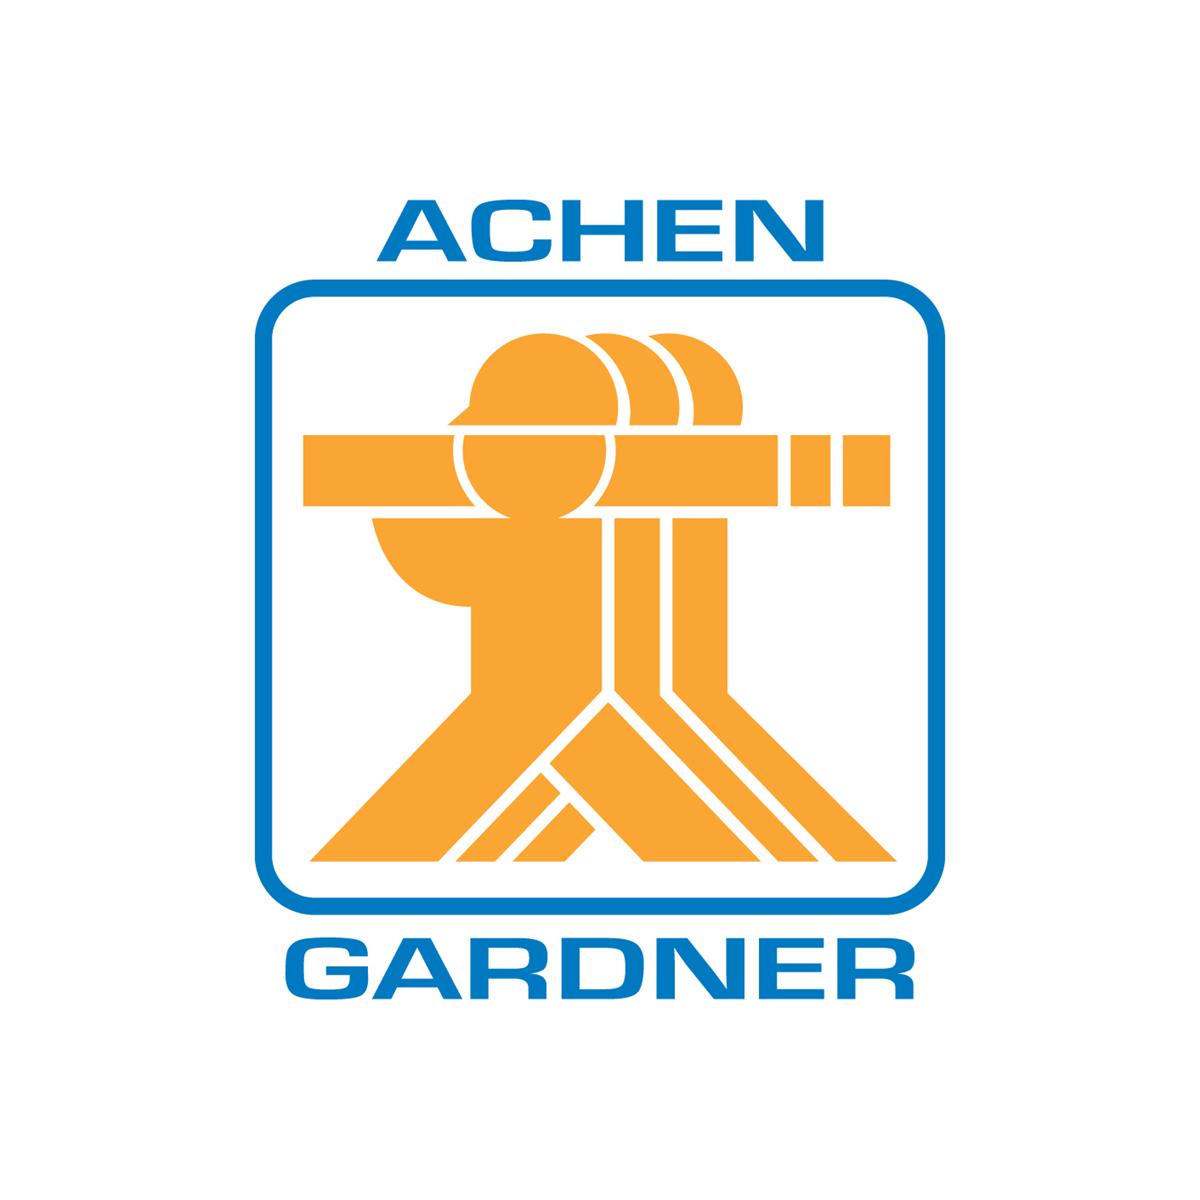 Achen-Gardner logo.jpg